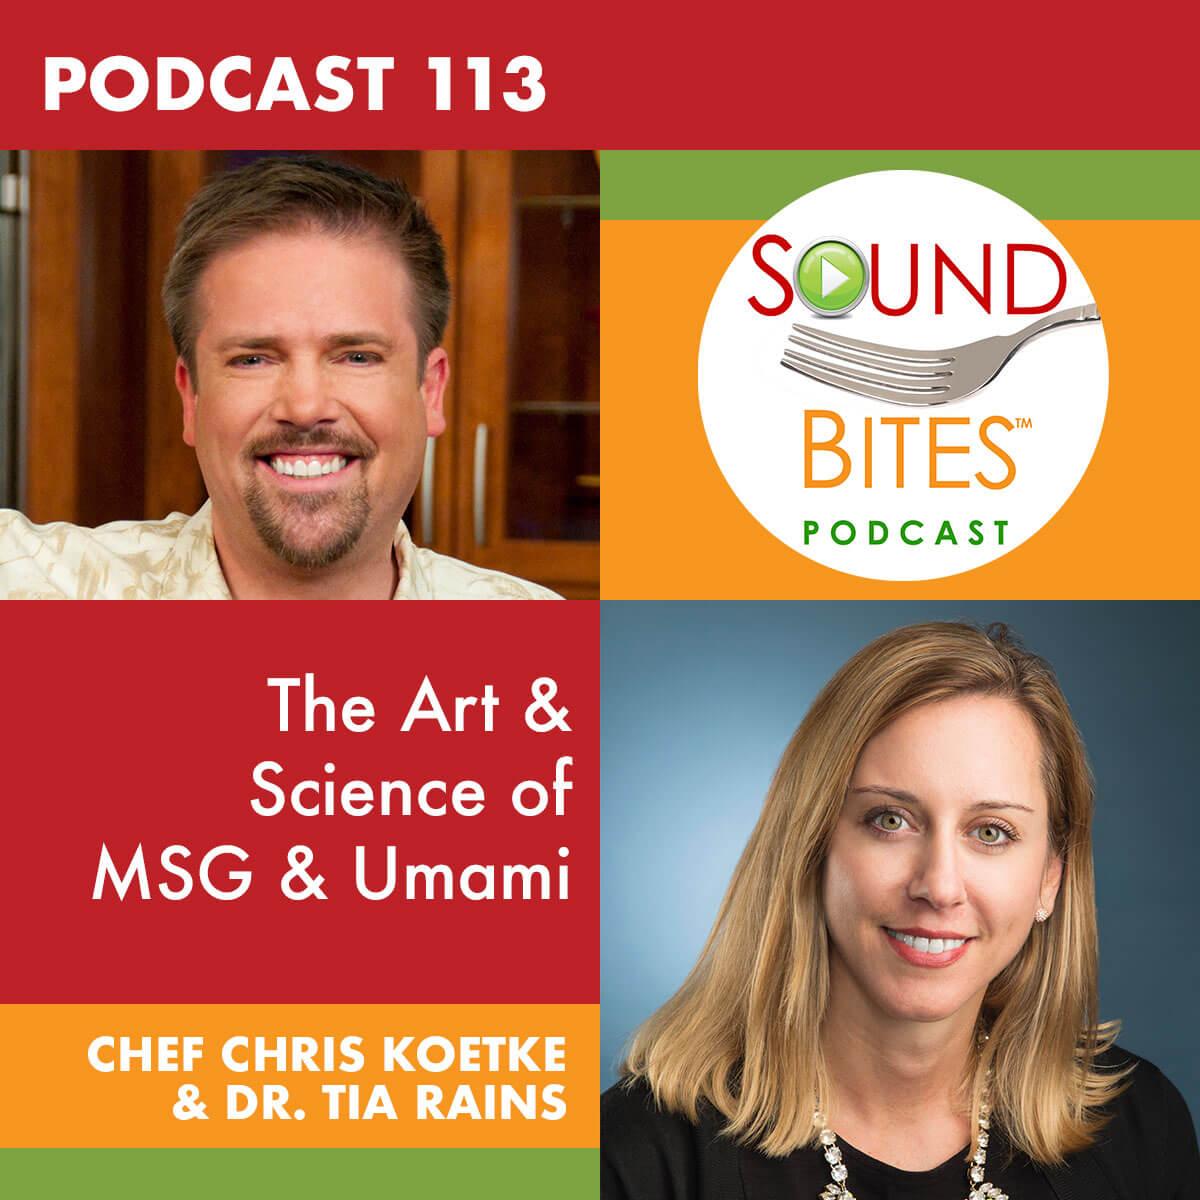 Podcast Episode 113: The Art & Science of MSG & Umami – Chef Chris Koetke & Dr. Tia Rains